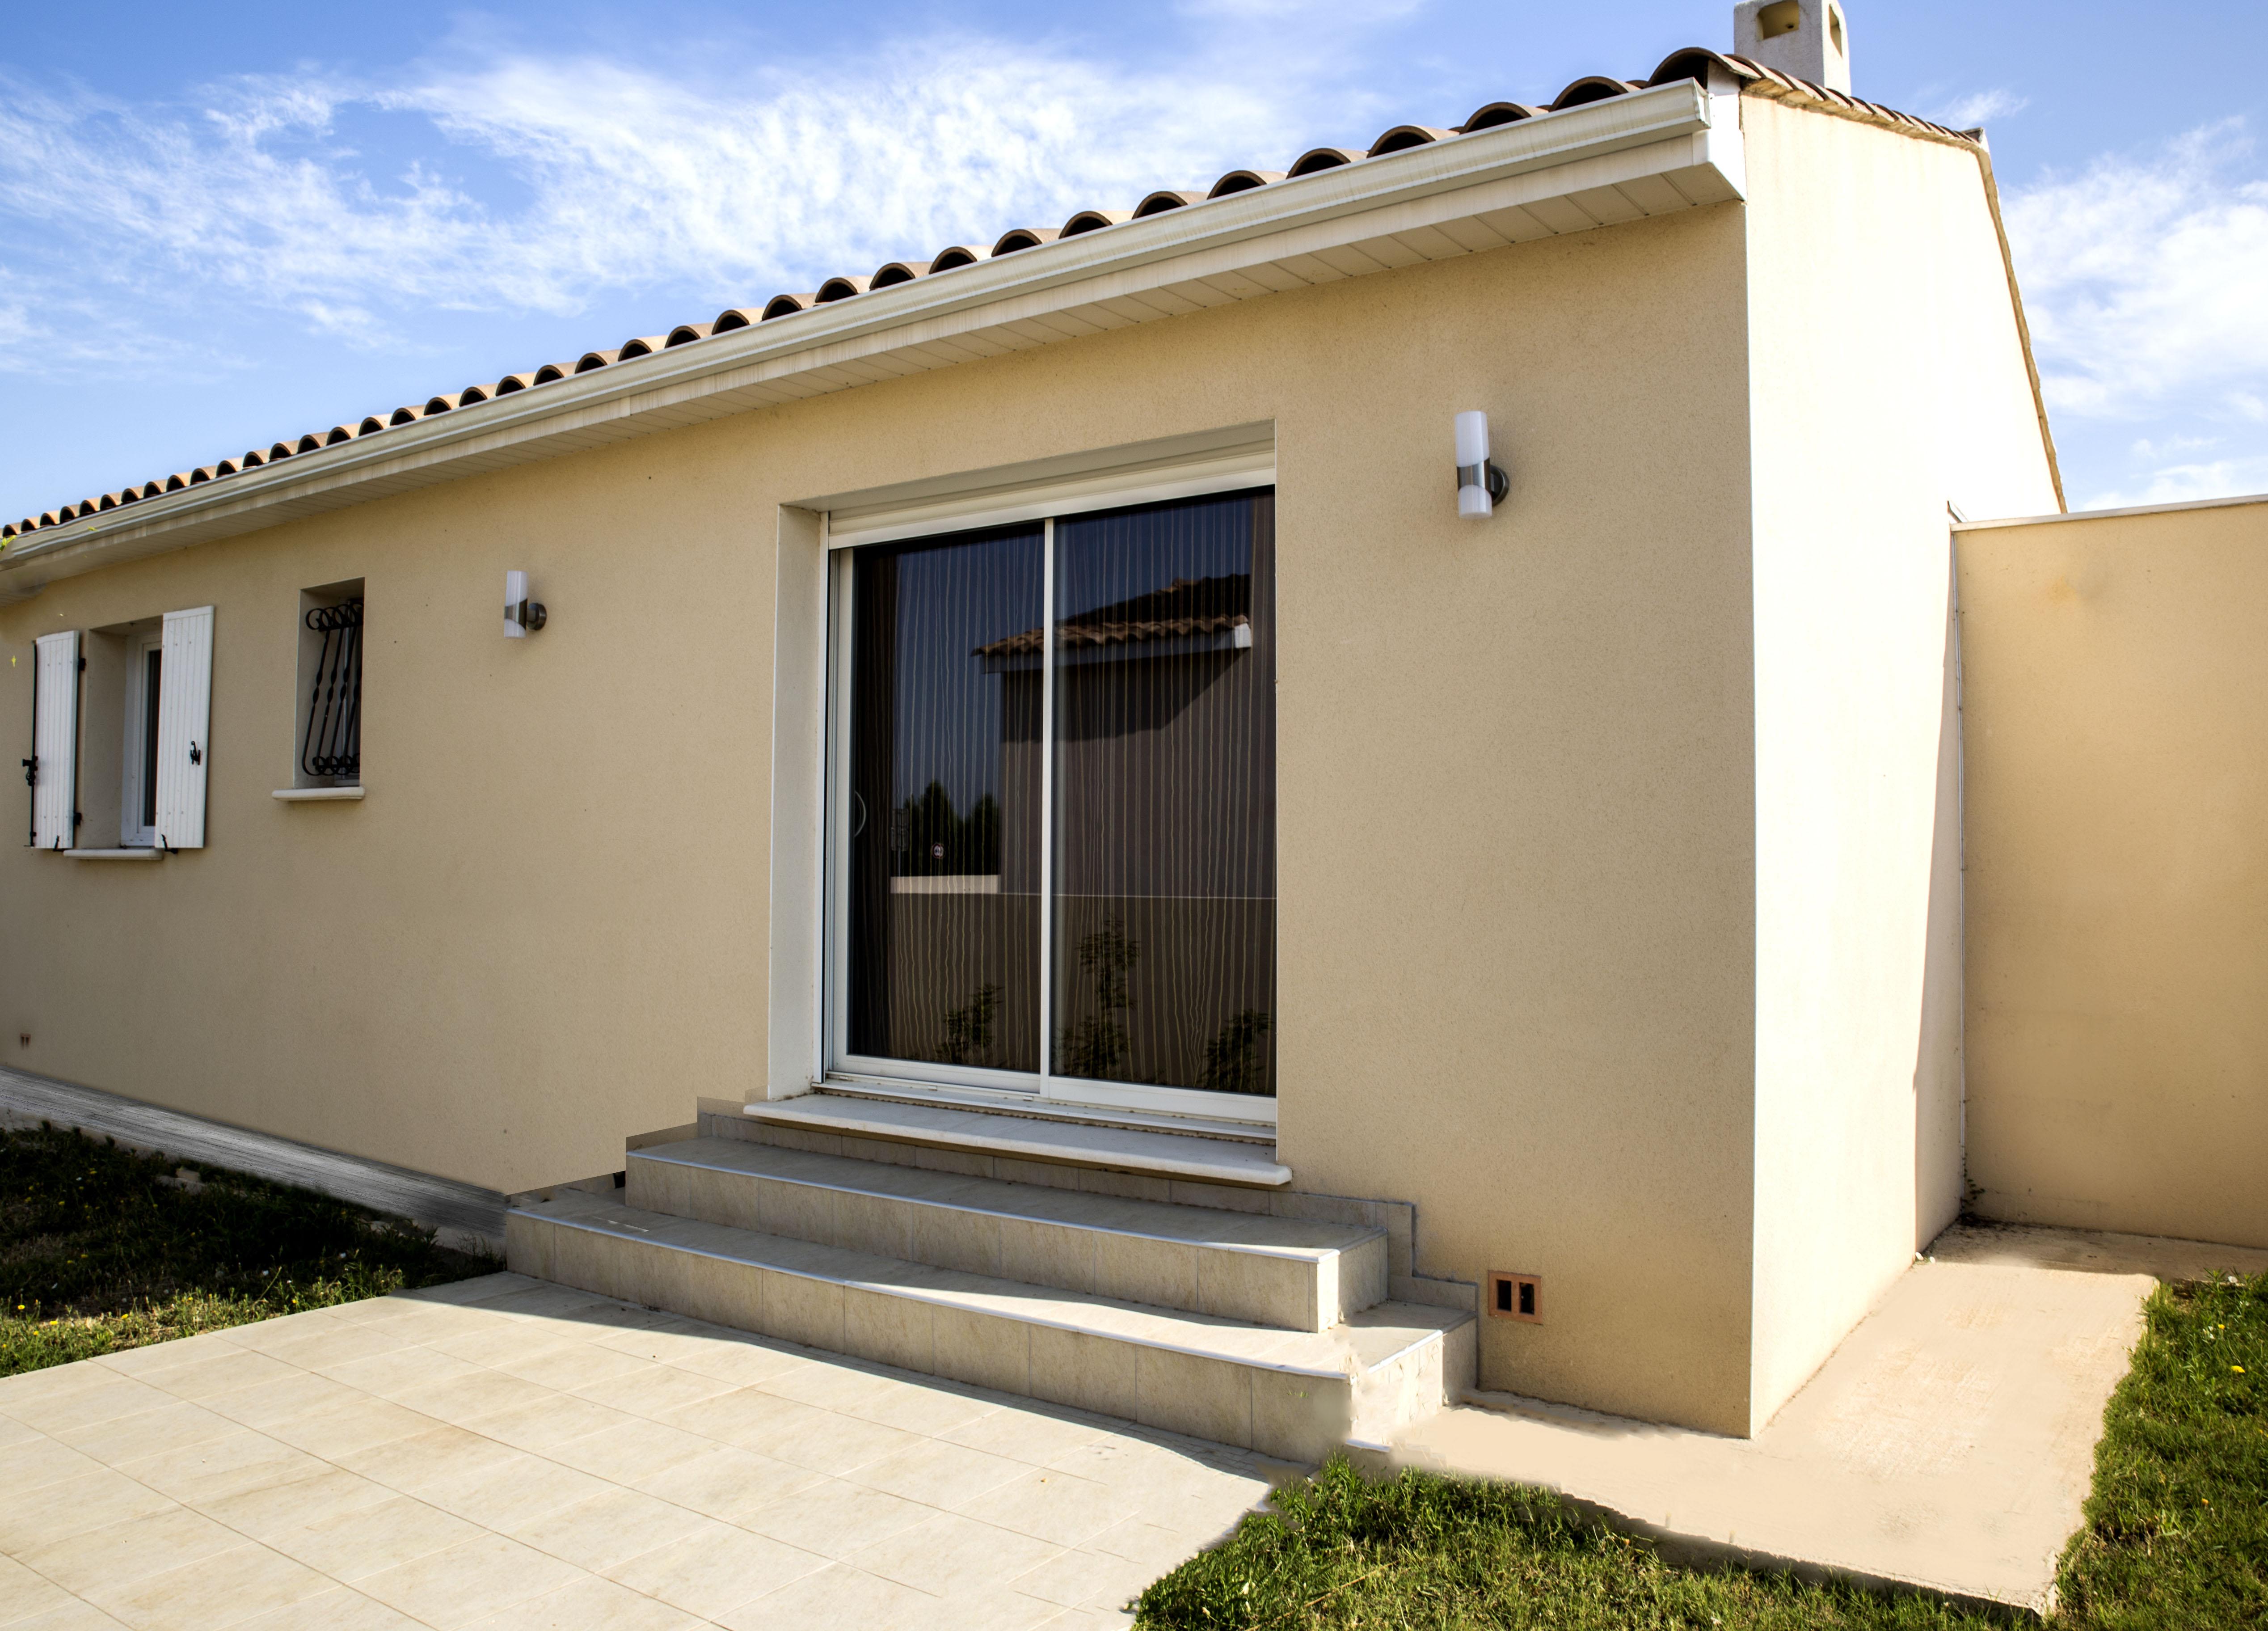 Maisons + Terrains du constructeur VILLADIRECT LE PONTET • 88 m² • COURTHEZON